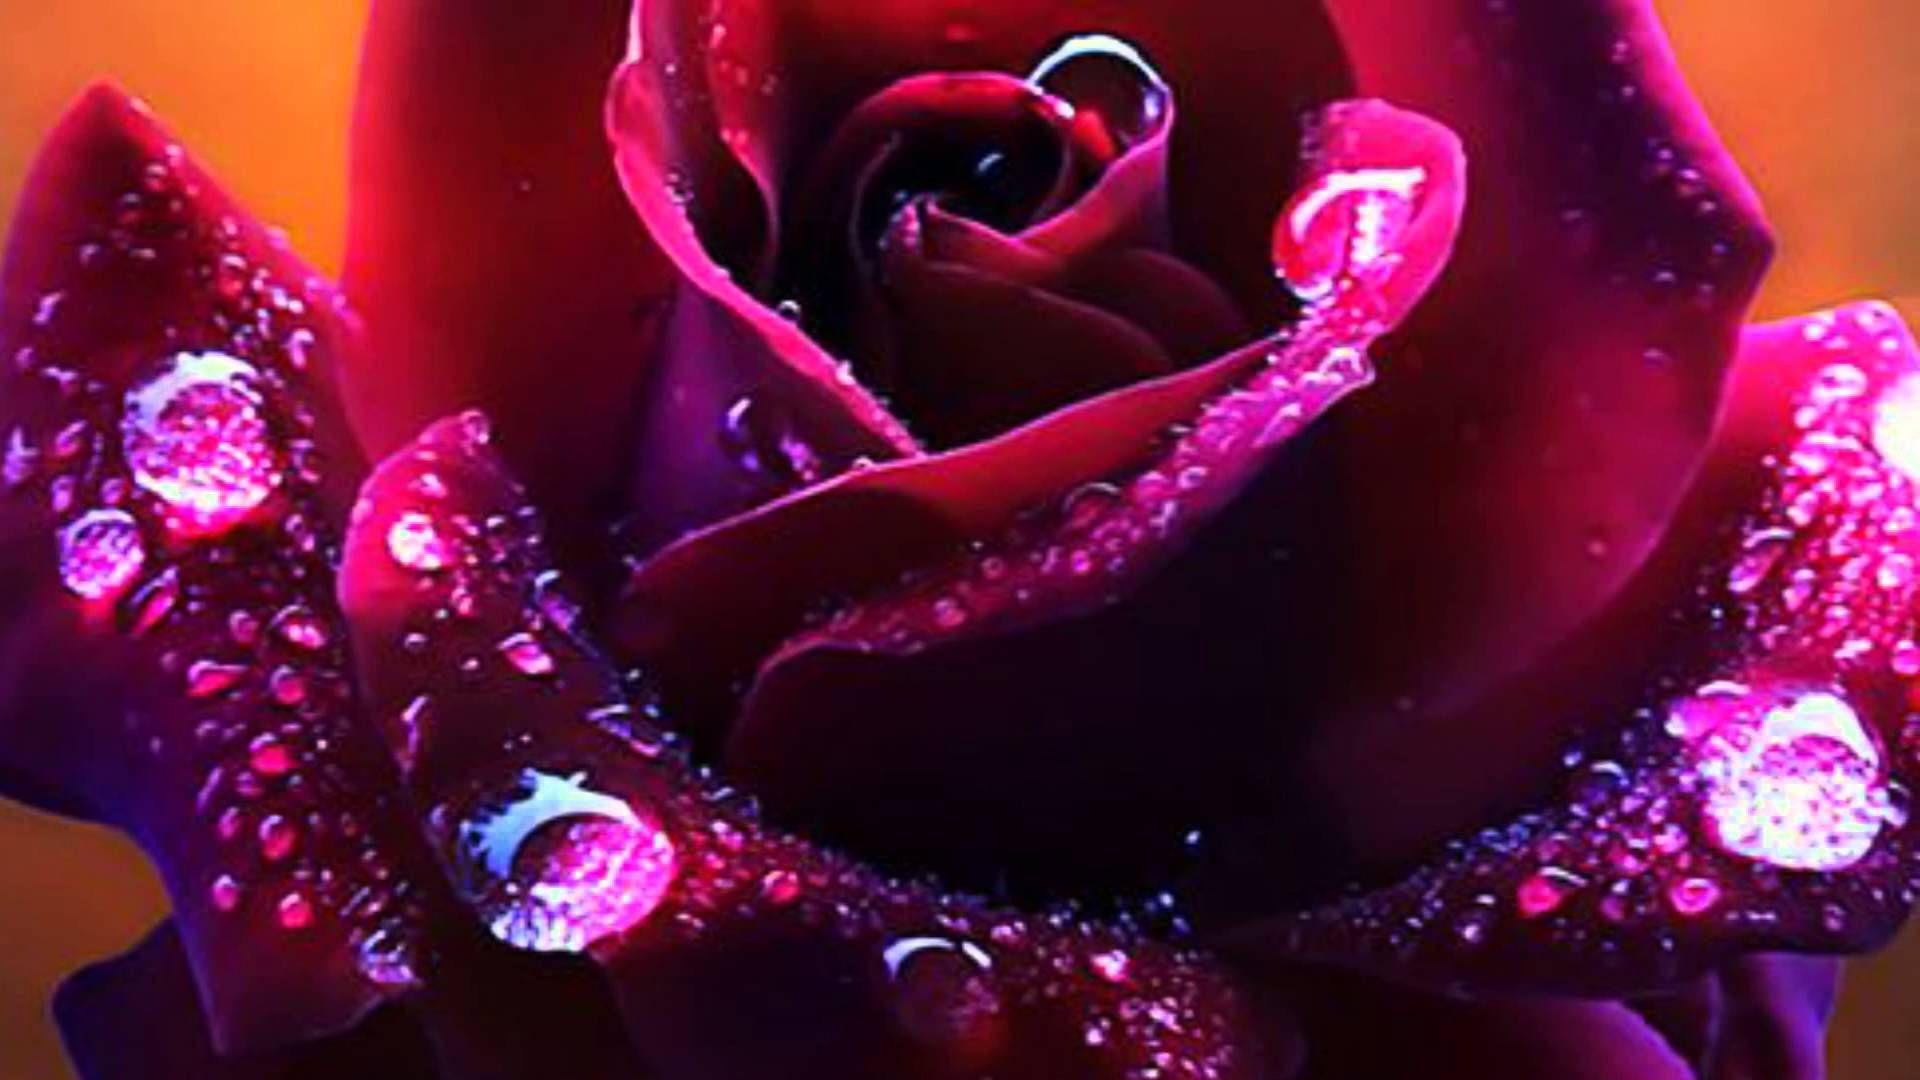 Samye Krasivye Cvety I Muzyka Dlya Moih Druzej Purple Roses Amazing Flowers Beautiful Roses